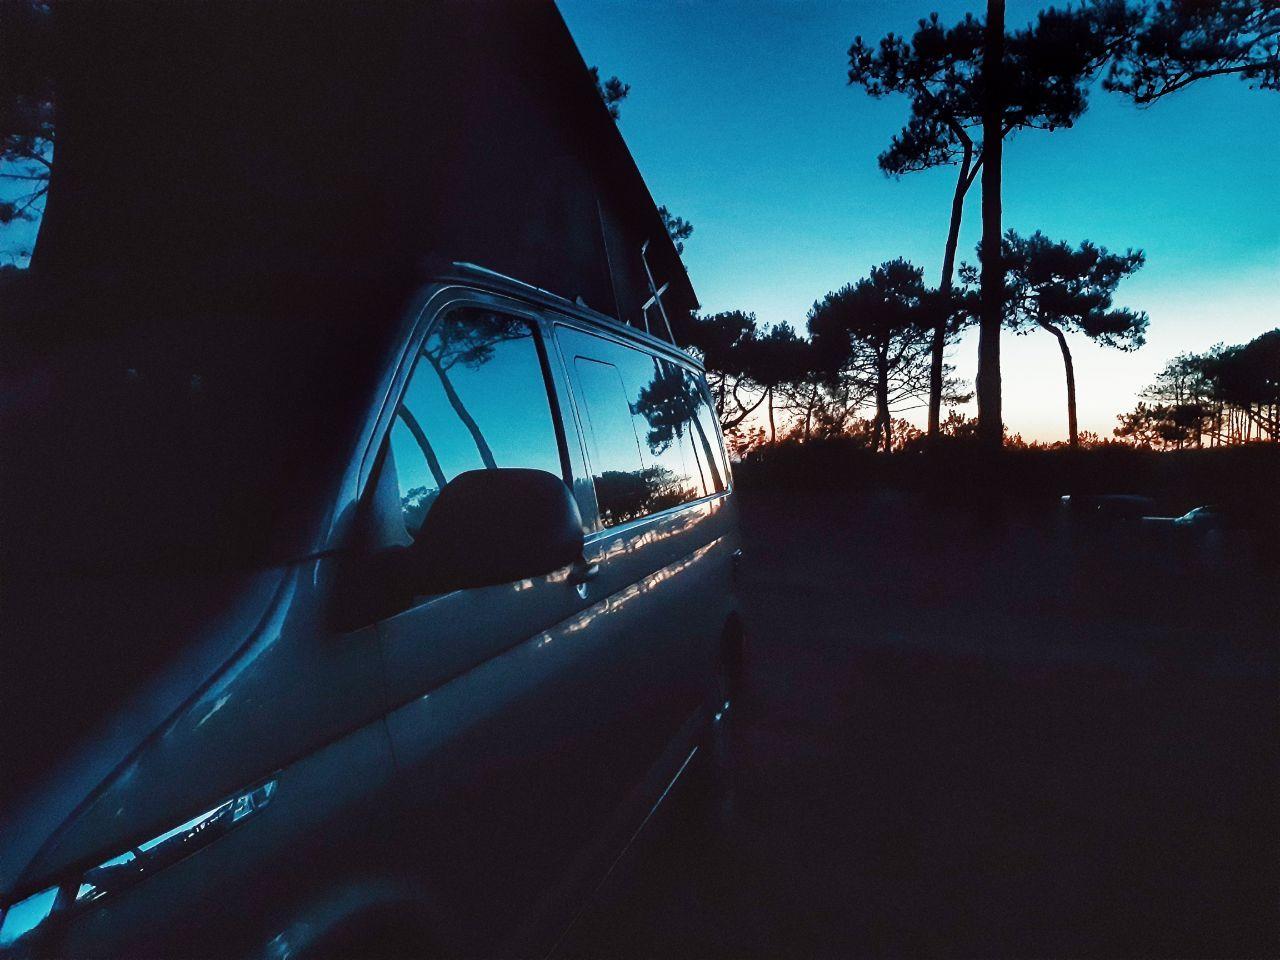 vue artistique d'un van au soleil couchant